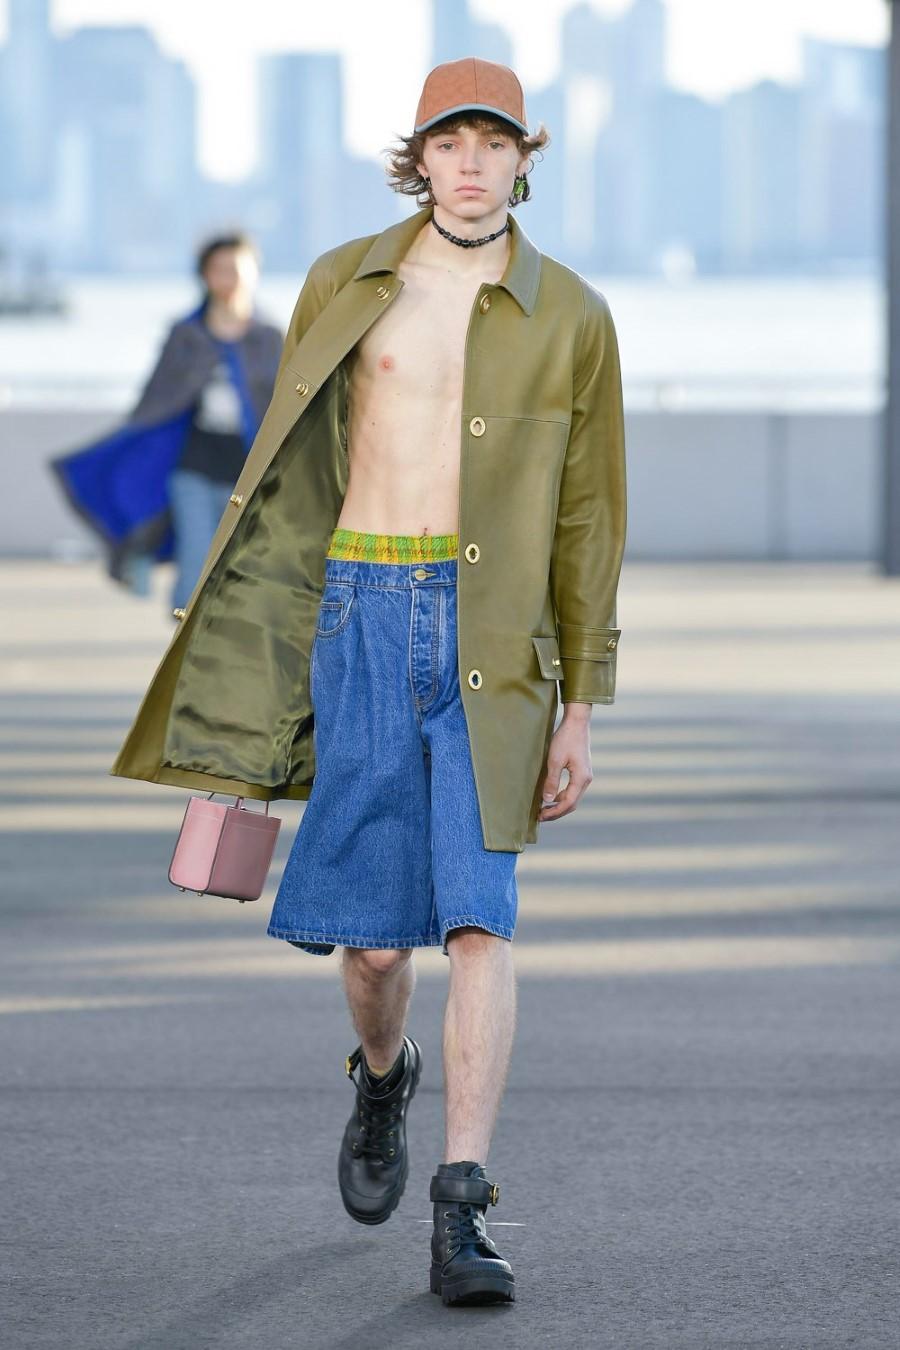 Coach 1941 Spring Summer 2022 - New York Fashion Week